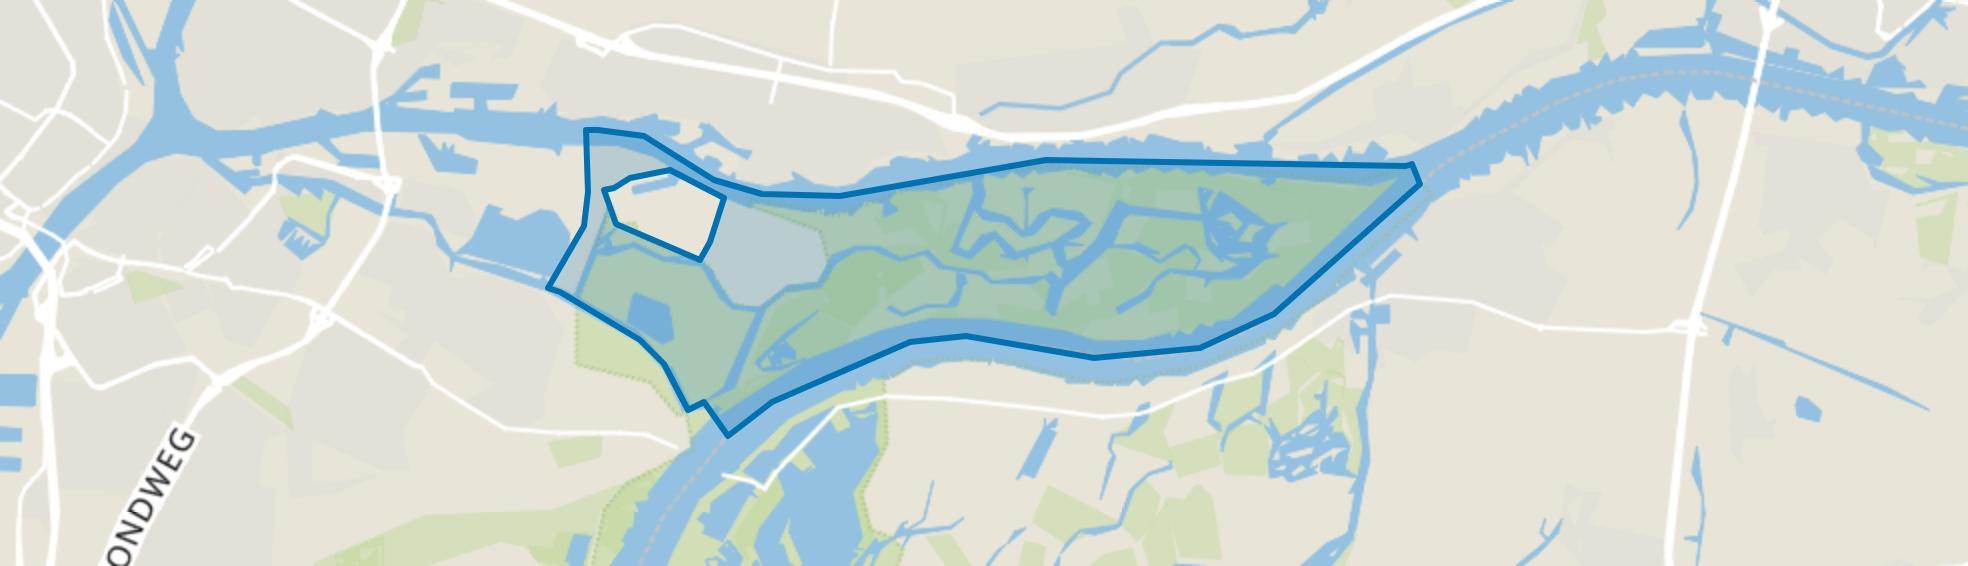 Merwelanden, Dordrecht map